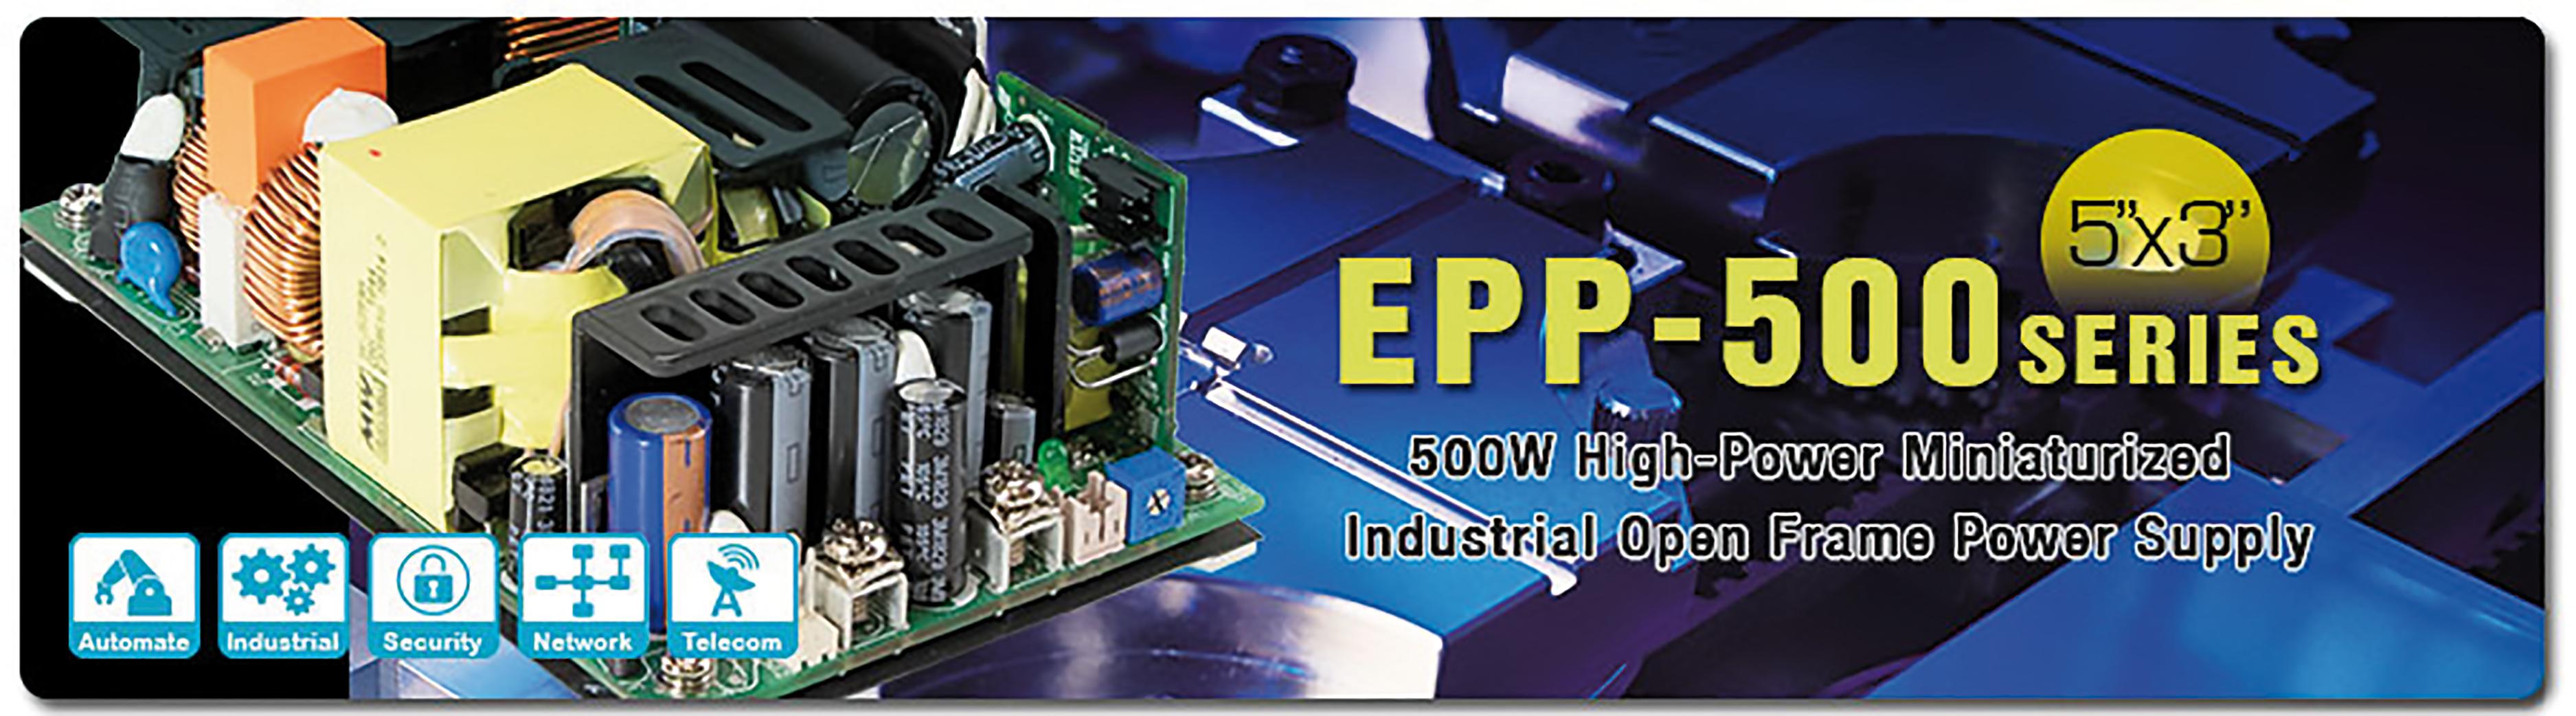 Fuente de alimentación en formato abierto EPP-500